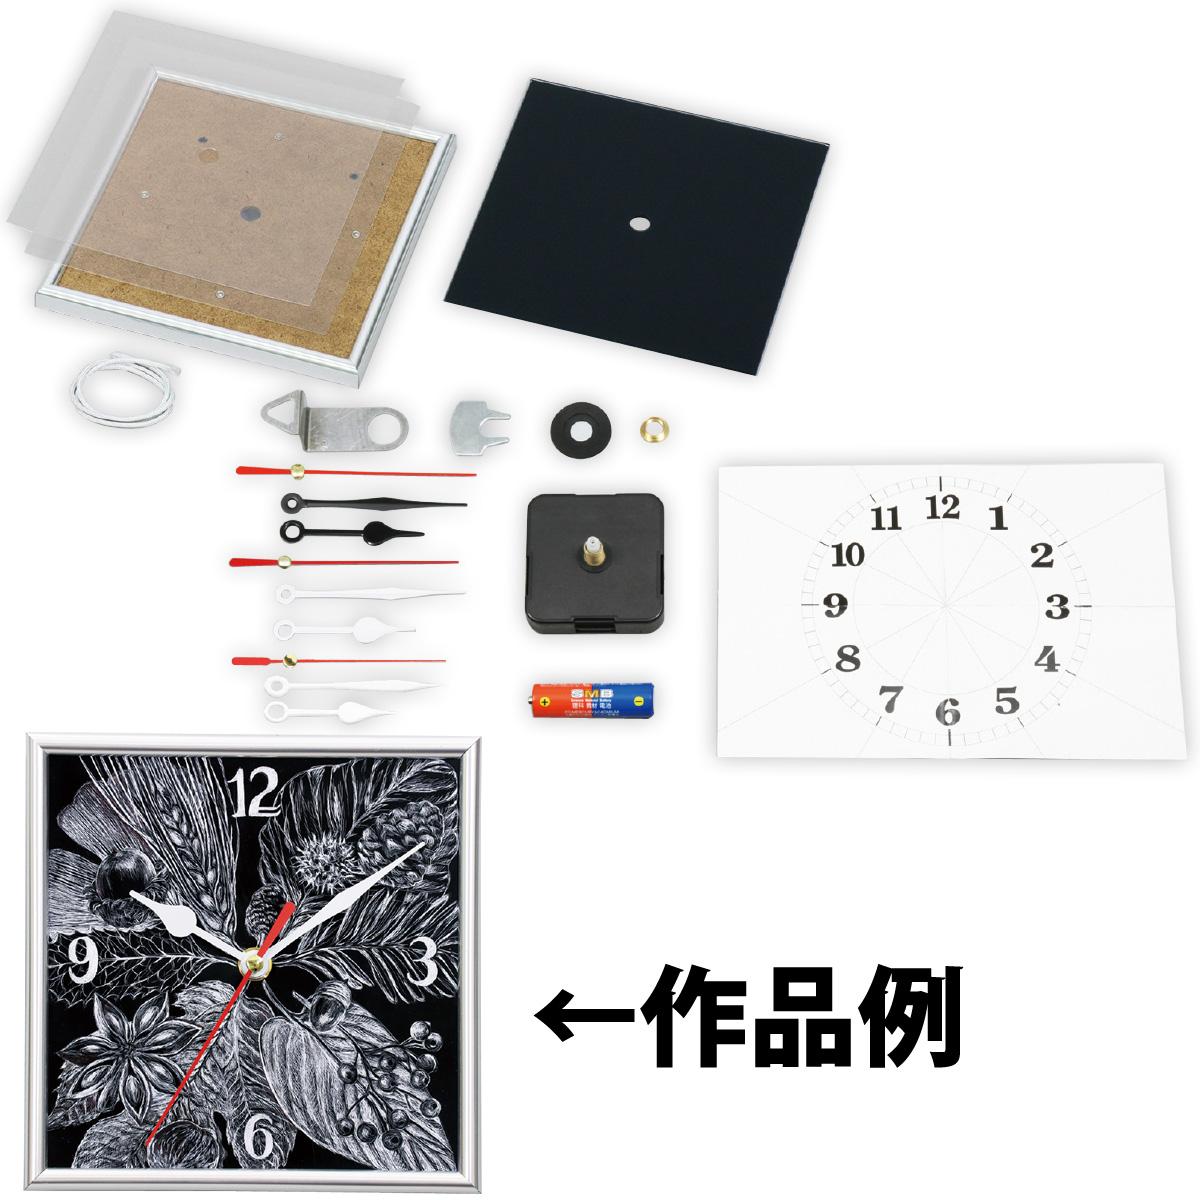 スクラッチボードフレーム 時計 手作り 時計 図工 工作キット 画材 美術 学校教材 夏休み宿題 自由研究